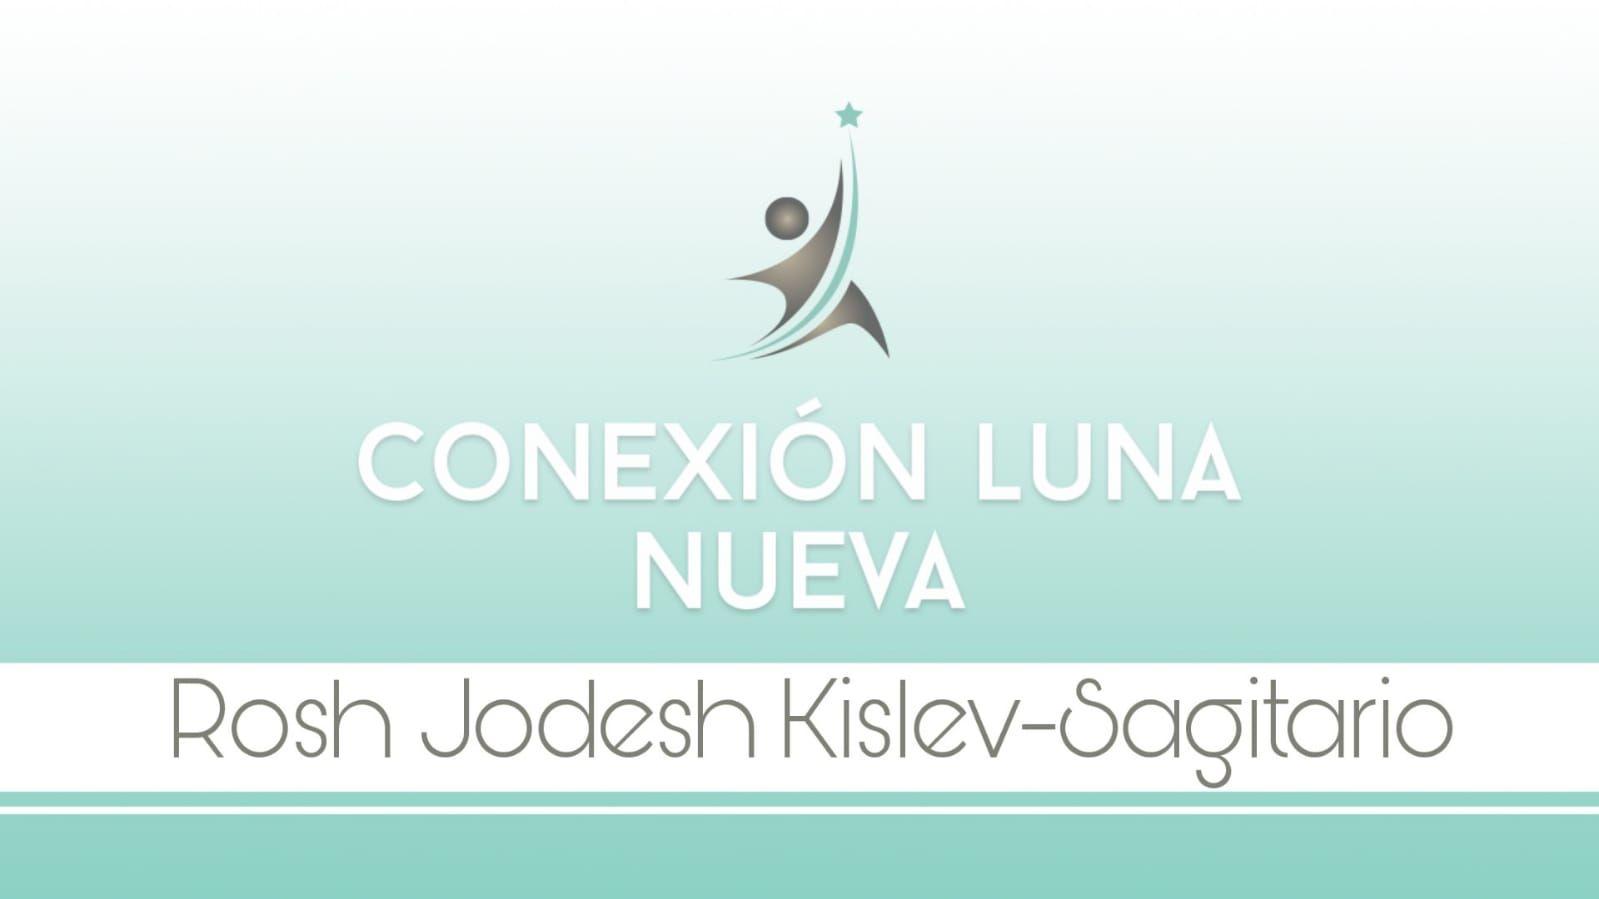 Conexión luna nueva Rosh Jodesh Kislev - Sagitario